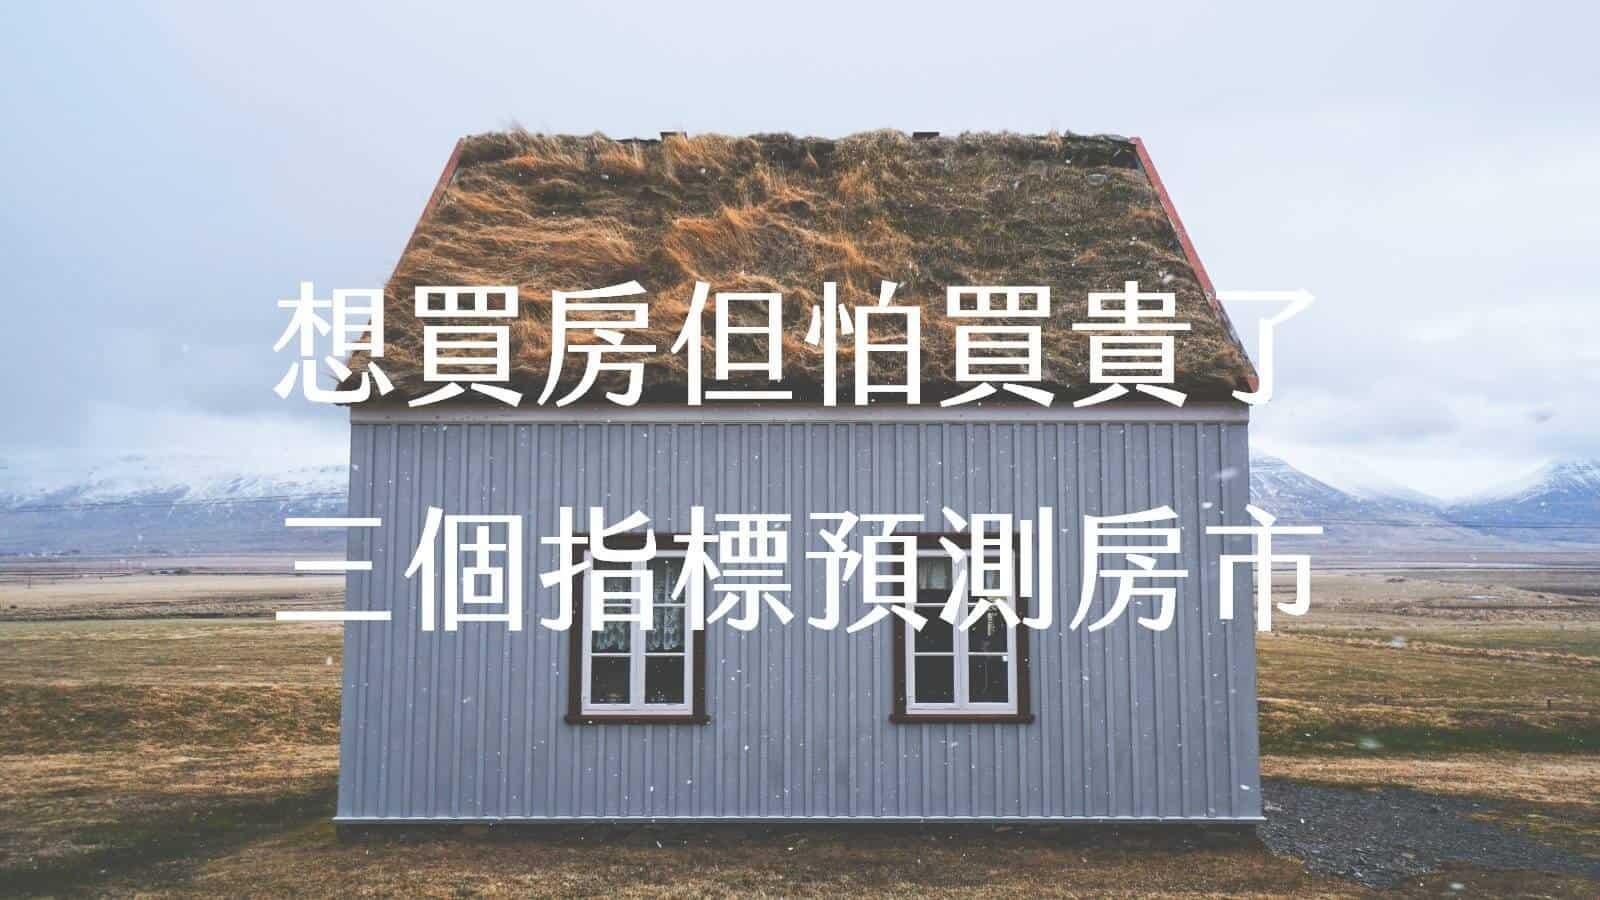 別傻了!買房和租屋根本不等值,居住唯有「取捨」二字而已。 2